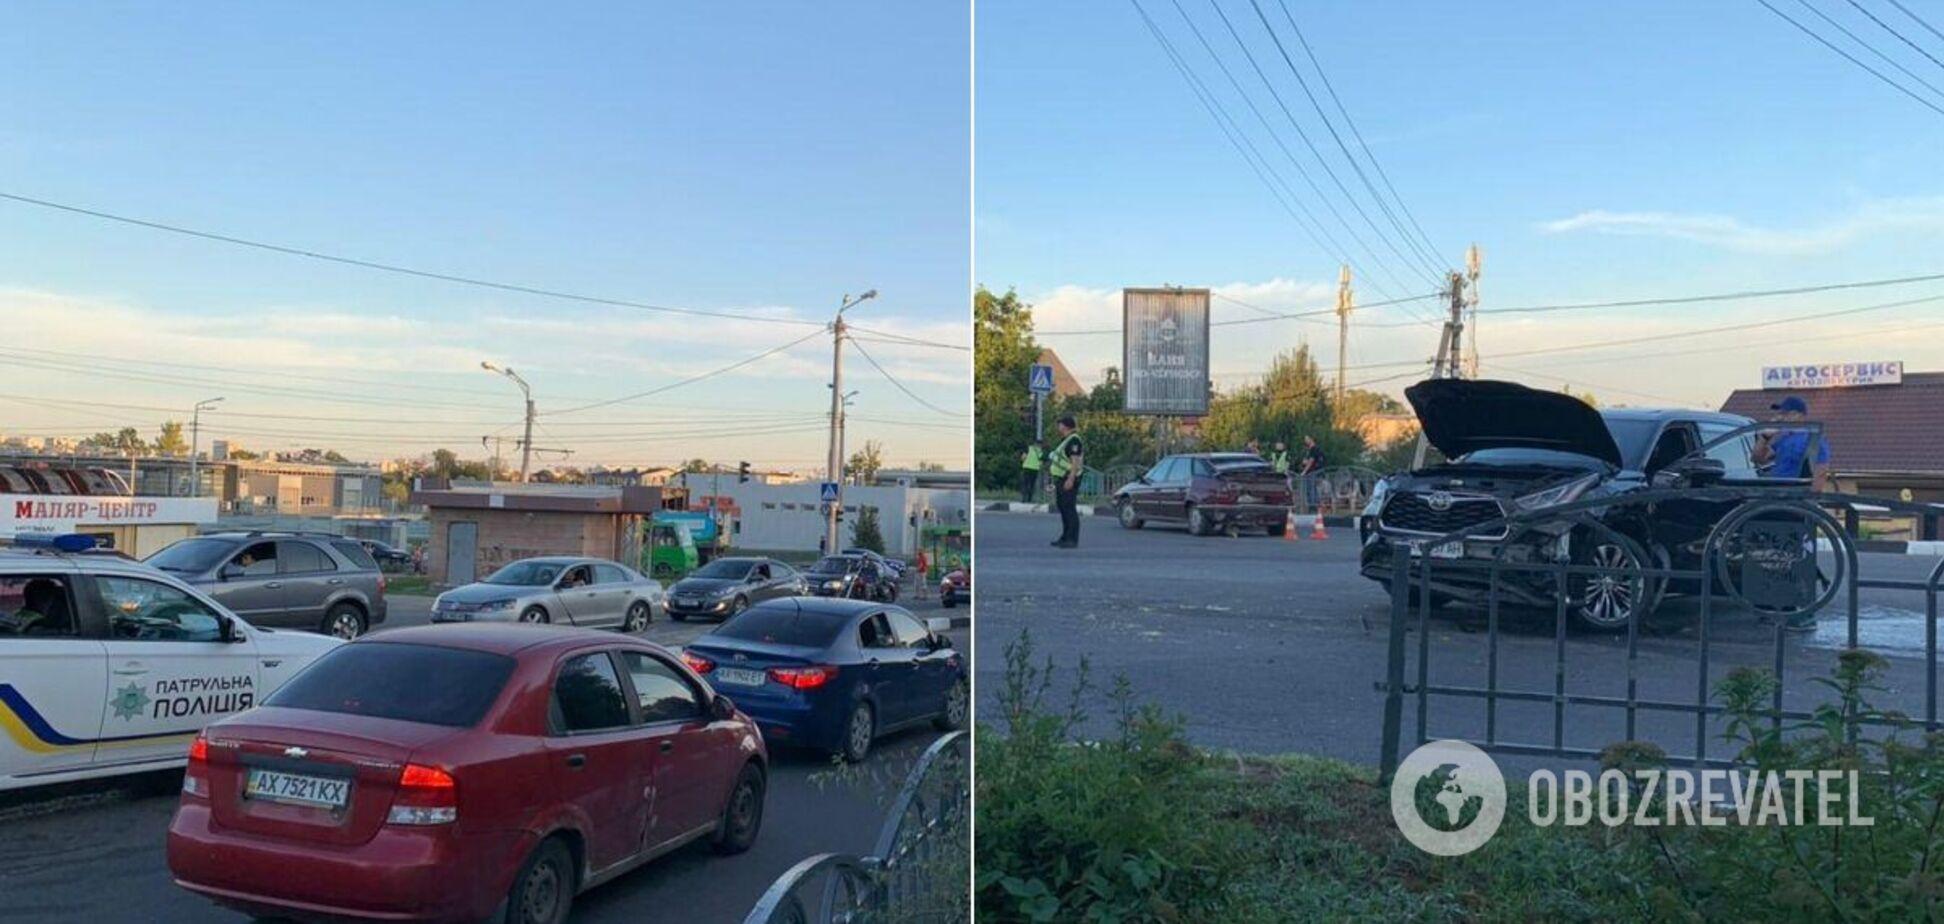 В Харькове грузовик устроил крупное ДТП с пострадавшими. Фото и видео